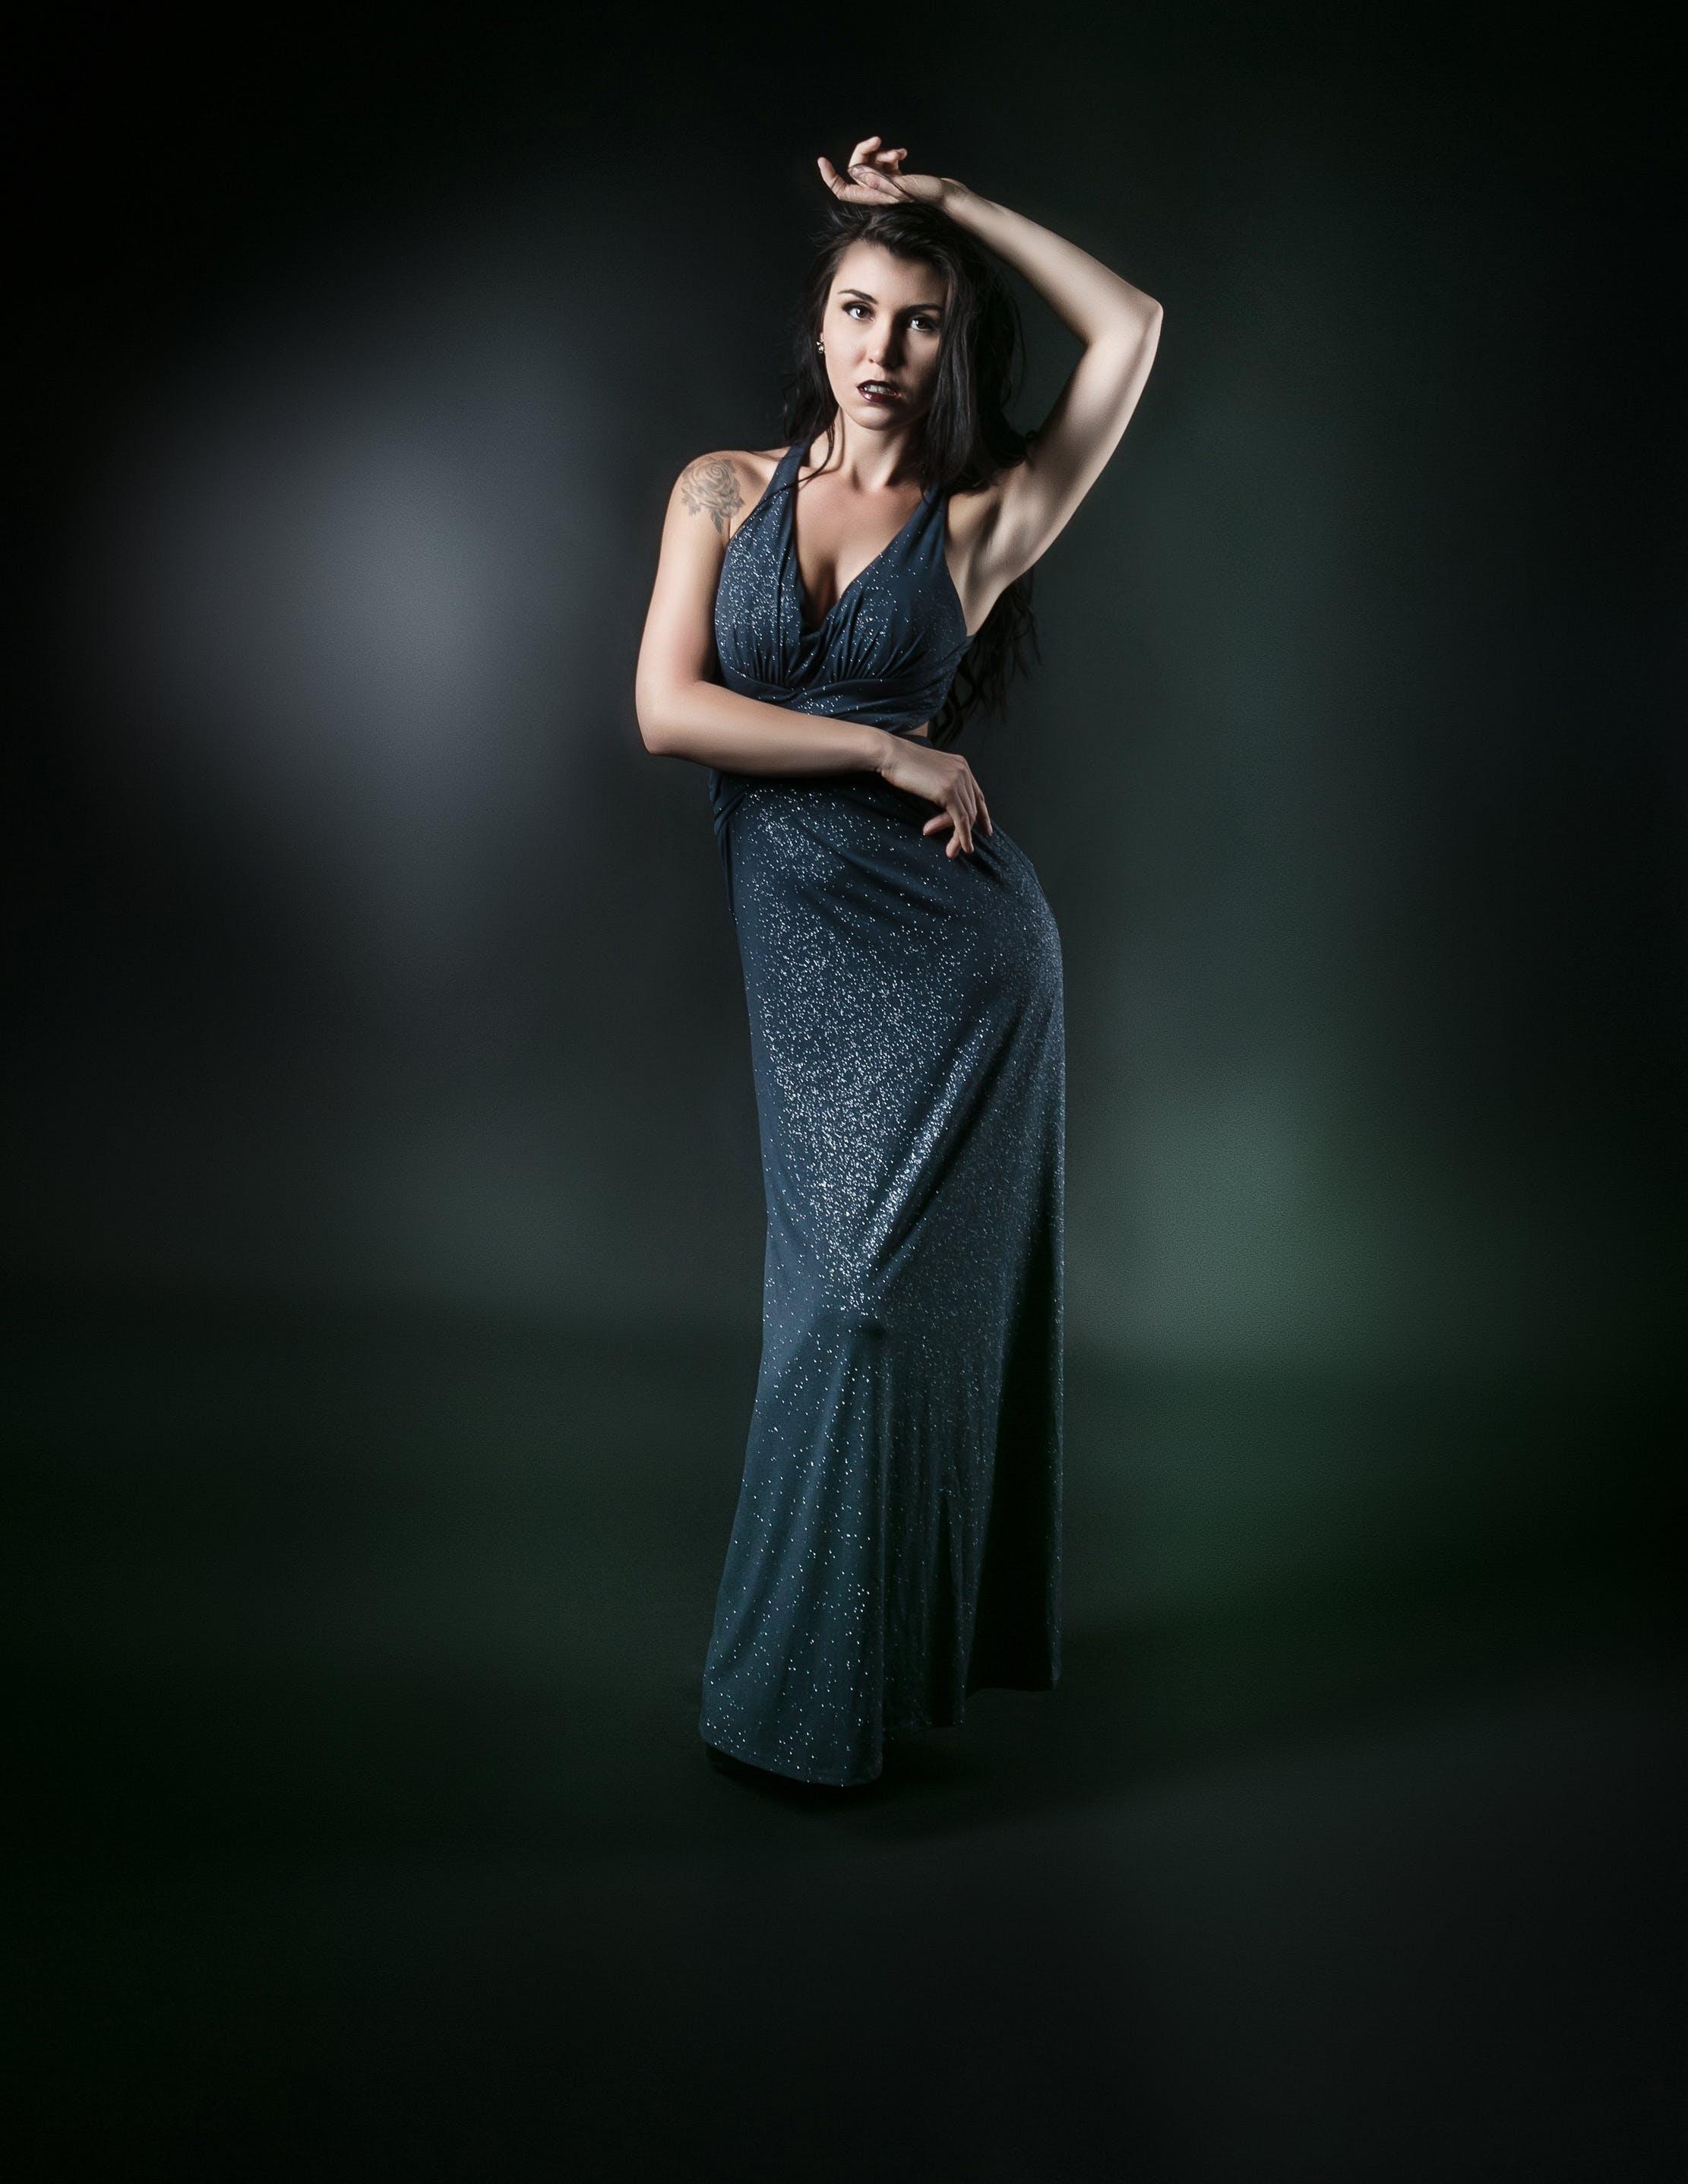 Kostenloses Stock Foto zu attraktiv, ärmellos, dame, elegant